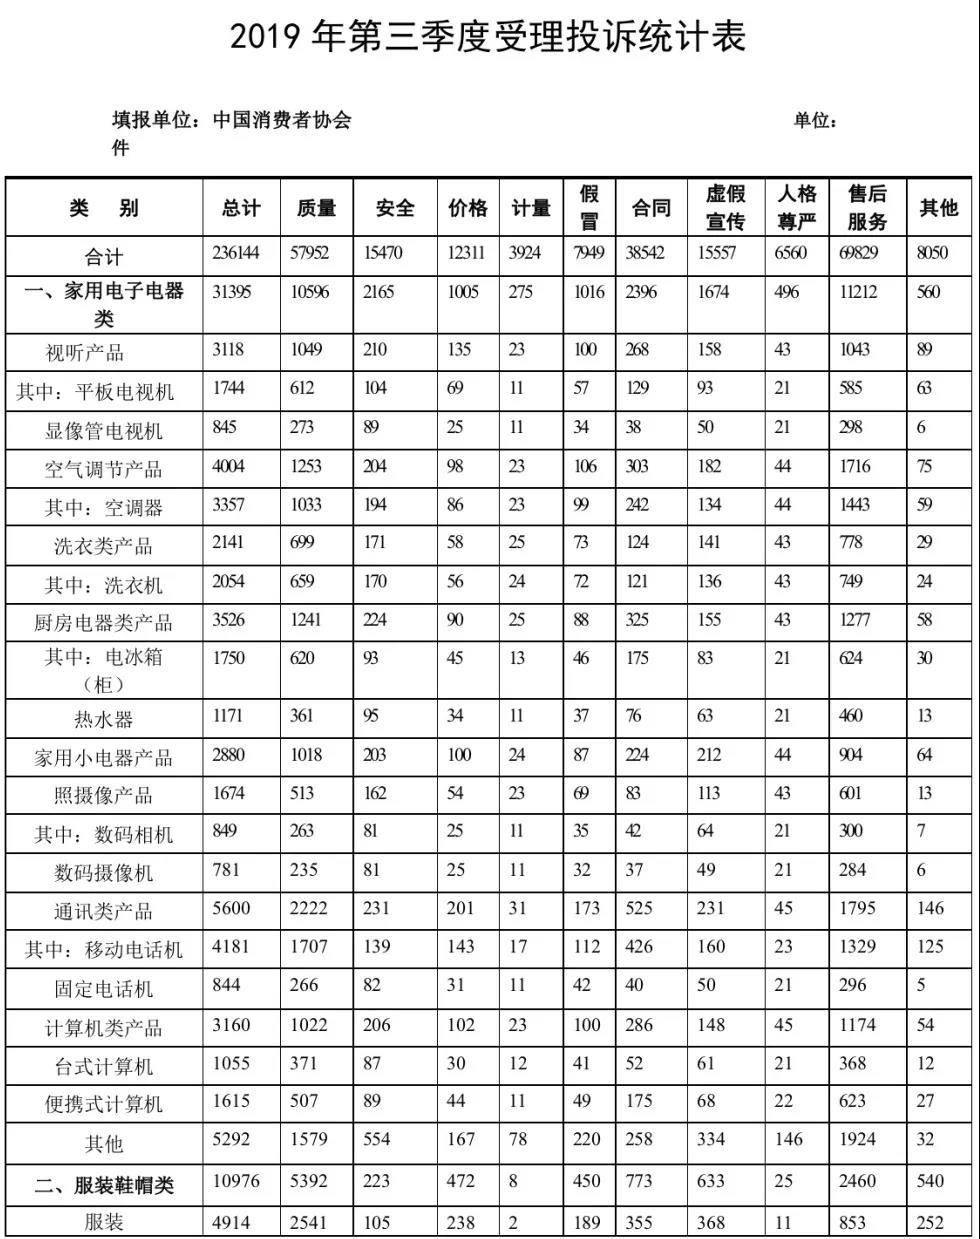 「水晶老虎娱乐场白菜88元」两届诺贝尔文学奖同时揭晓!一起回顾历届获奖者